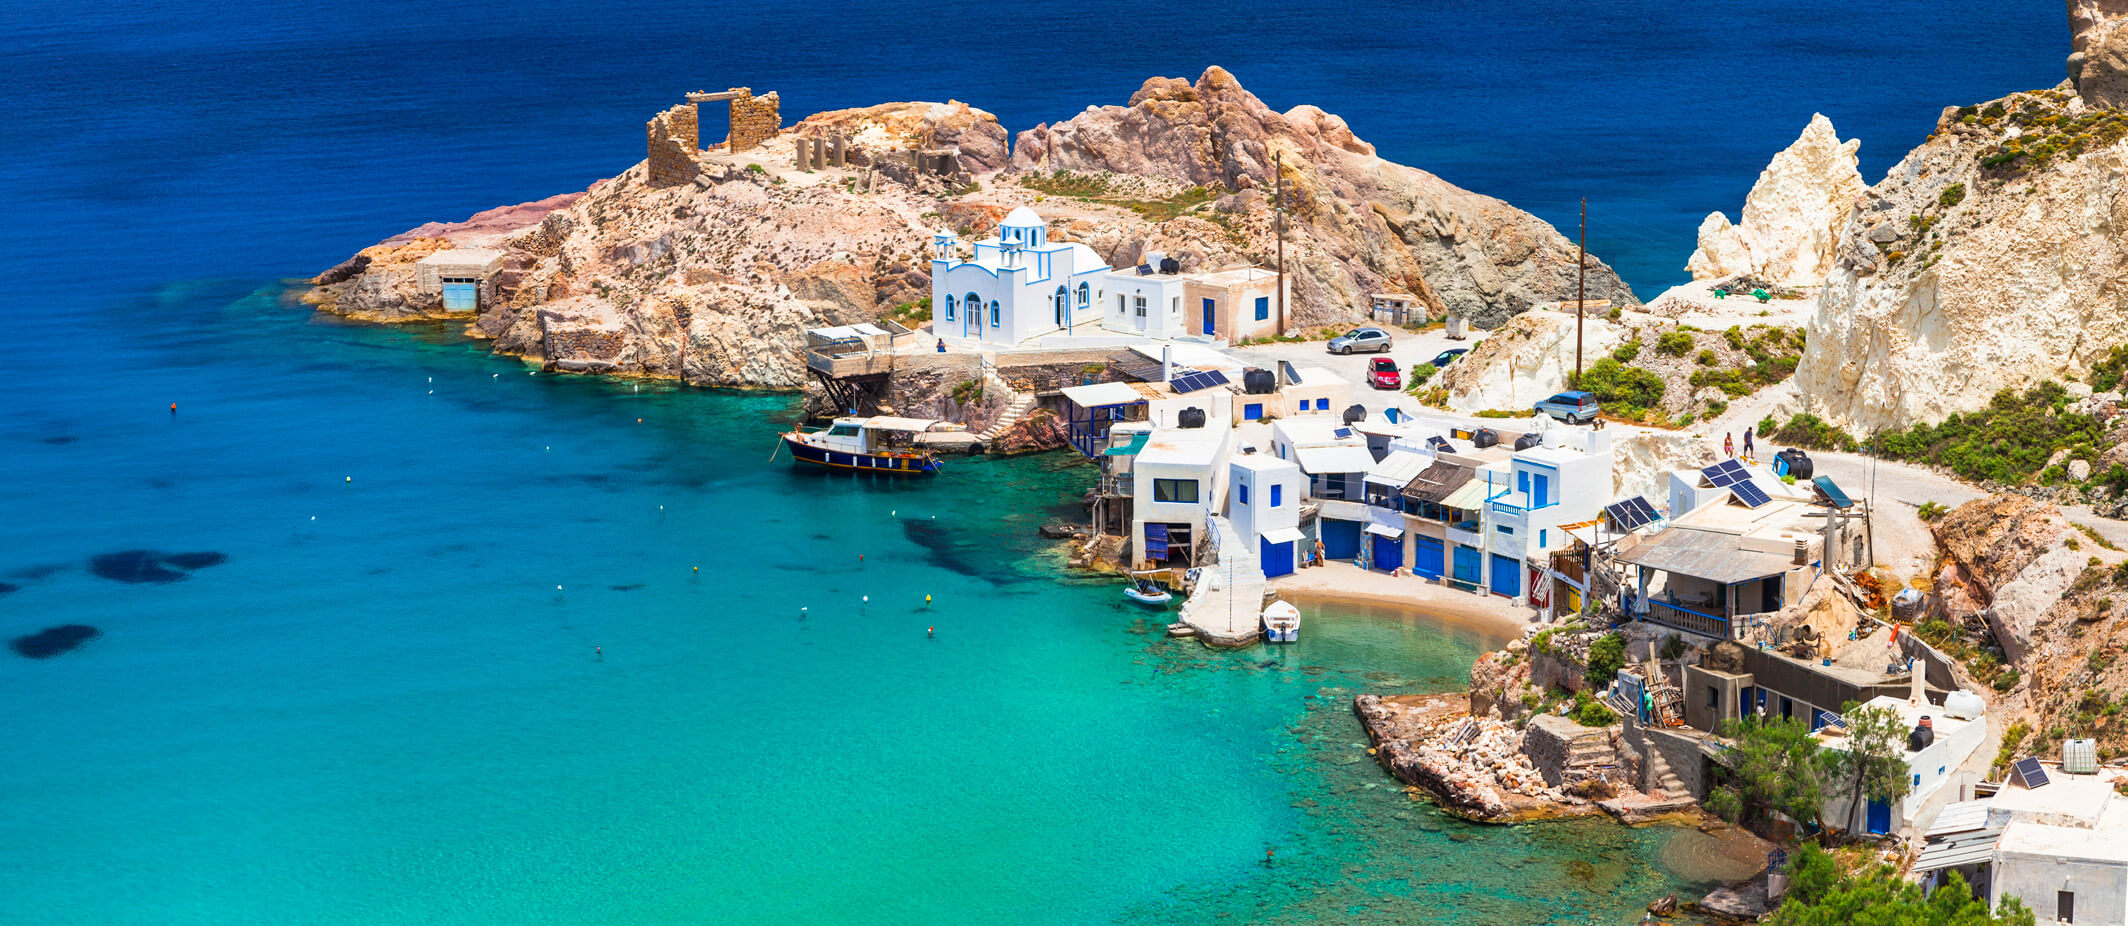 Kykladen Karte.Kykladen Inselhüpfen In Griechenland